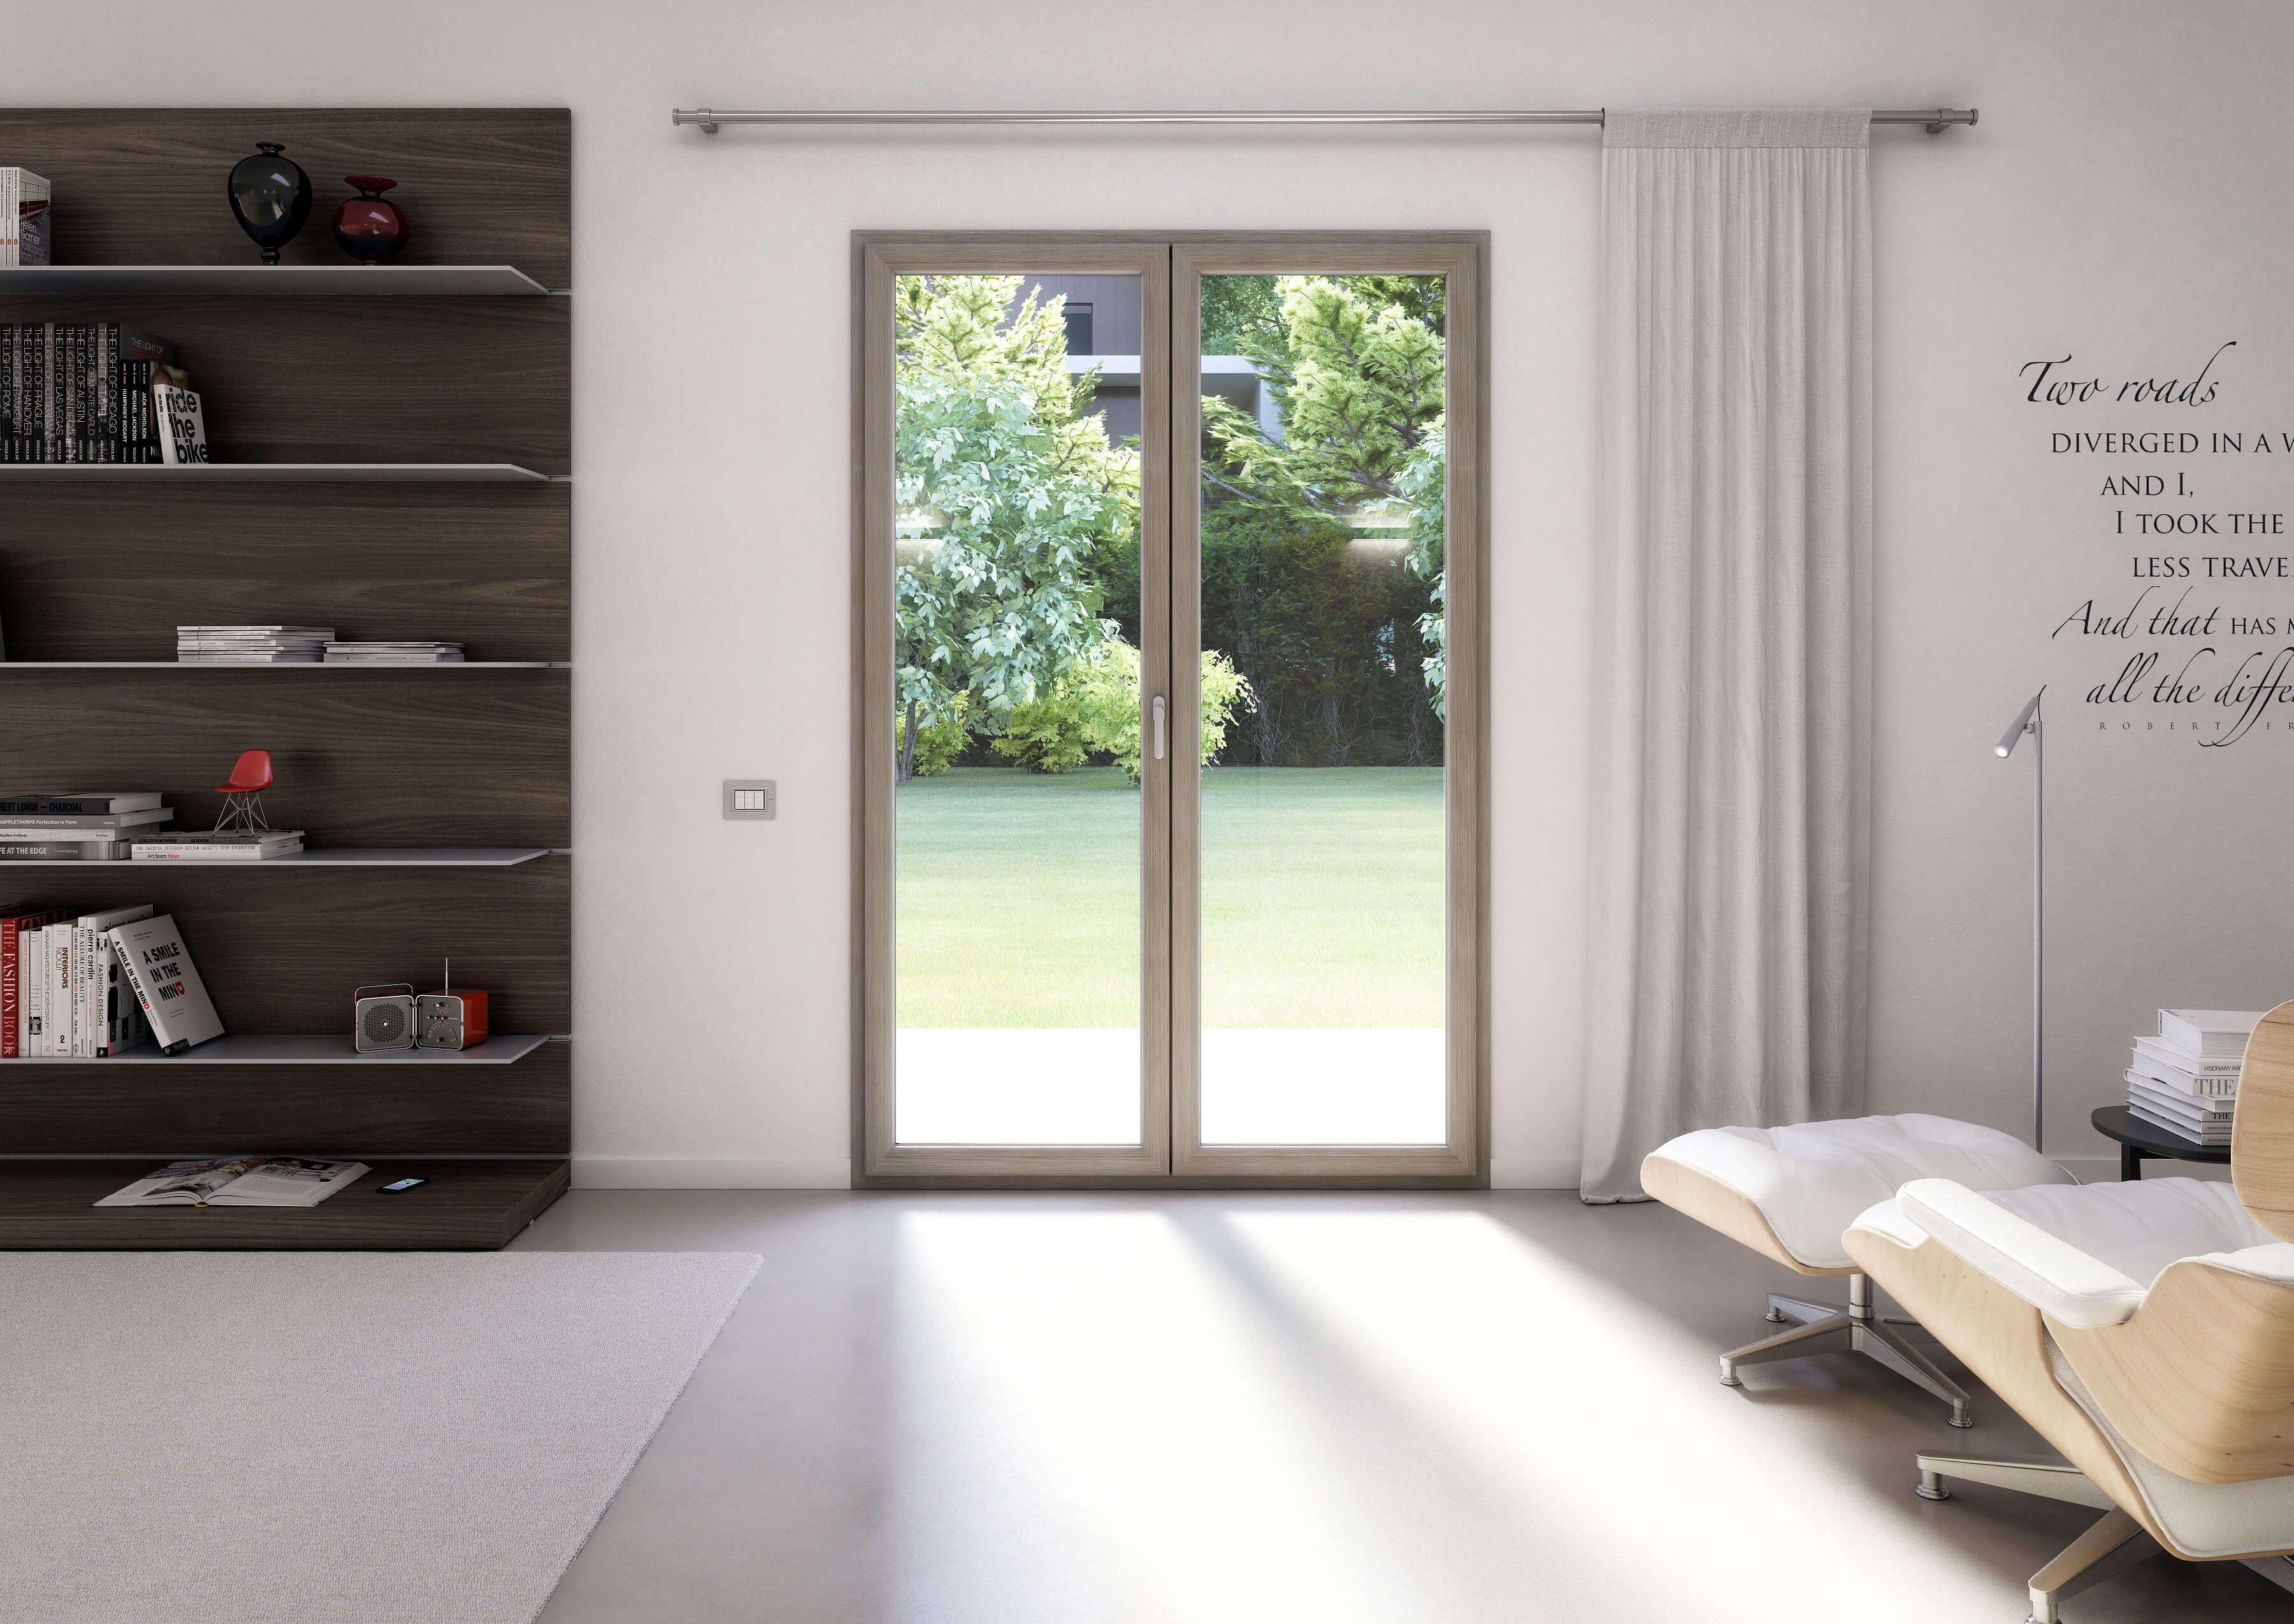 Ecobonus detrazioni del 65 sull acquisto di finestre a - Finestre detrazione 65 ...